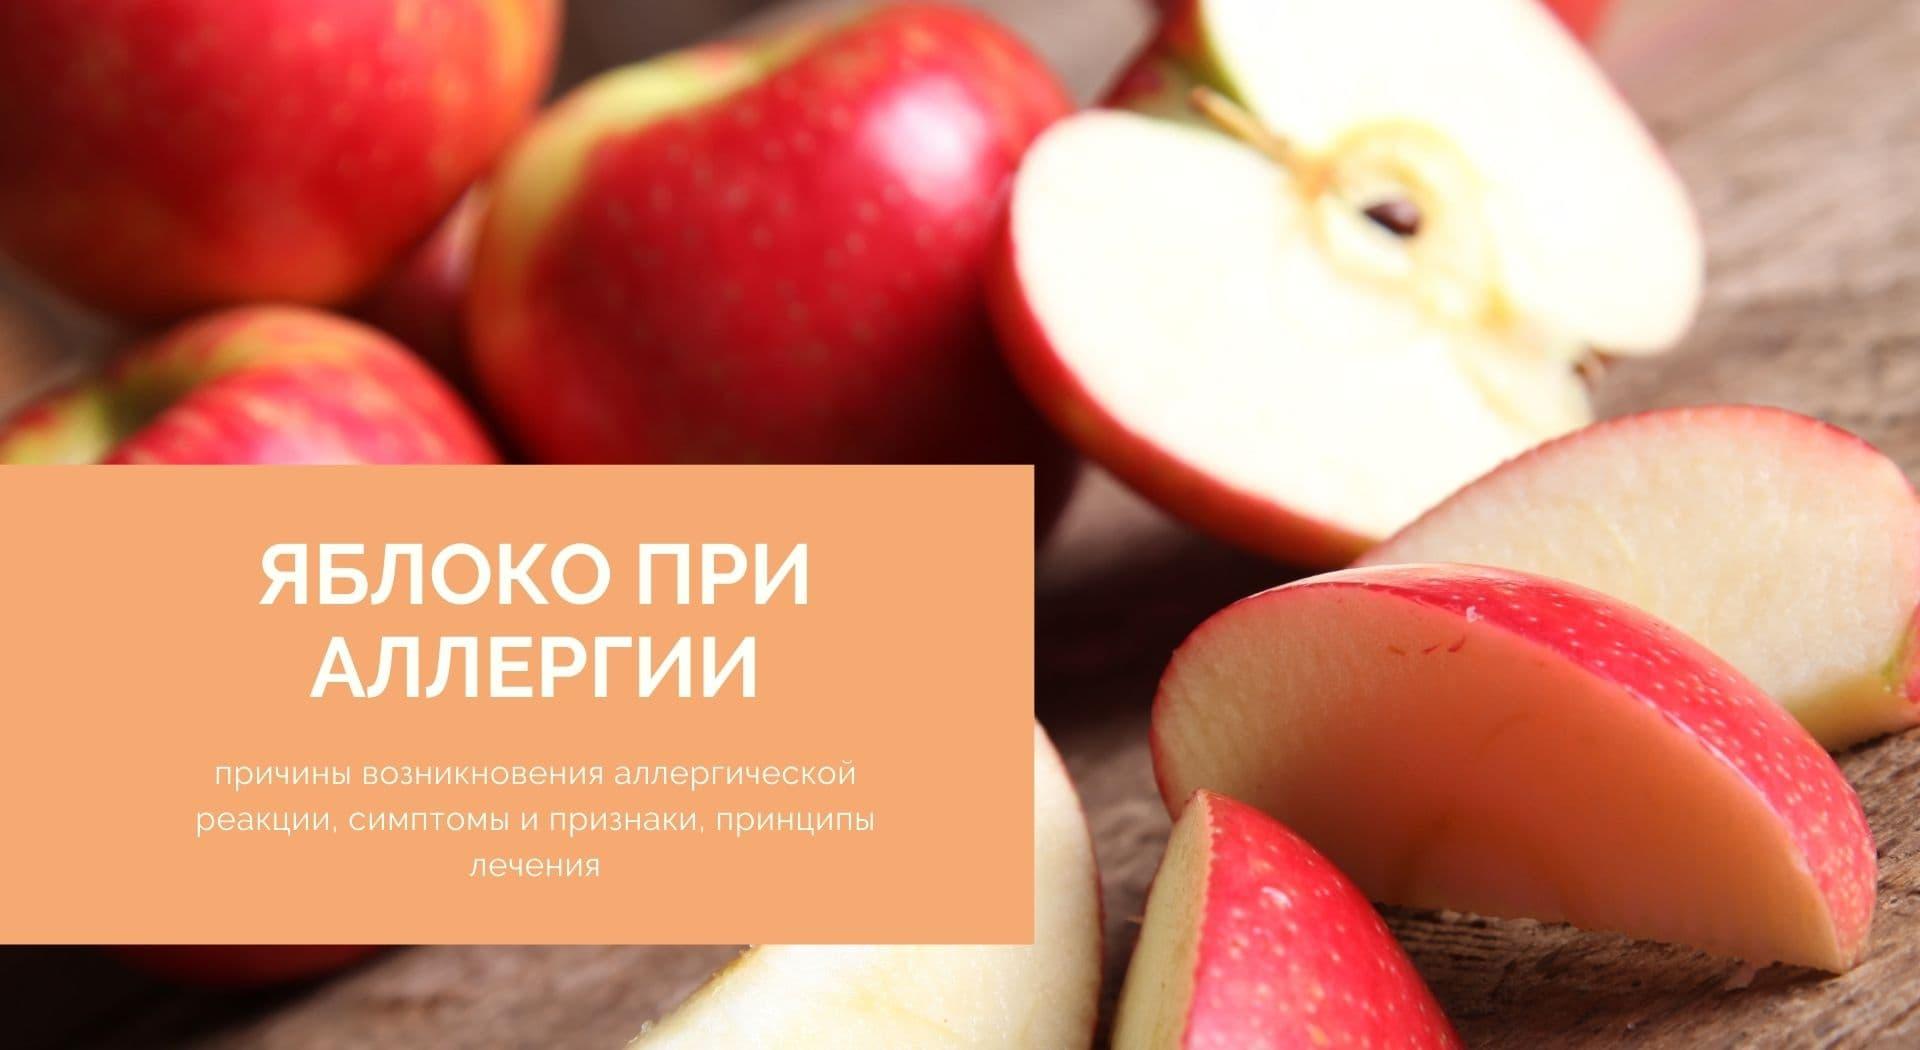 Яблоко при аллергии: причины возникновения аллергической реакции, симптомы и признаки, принципы лечения